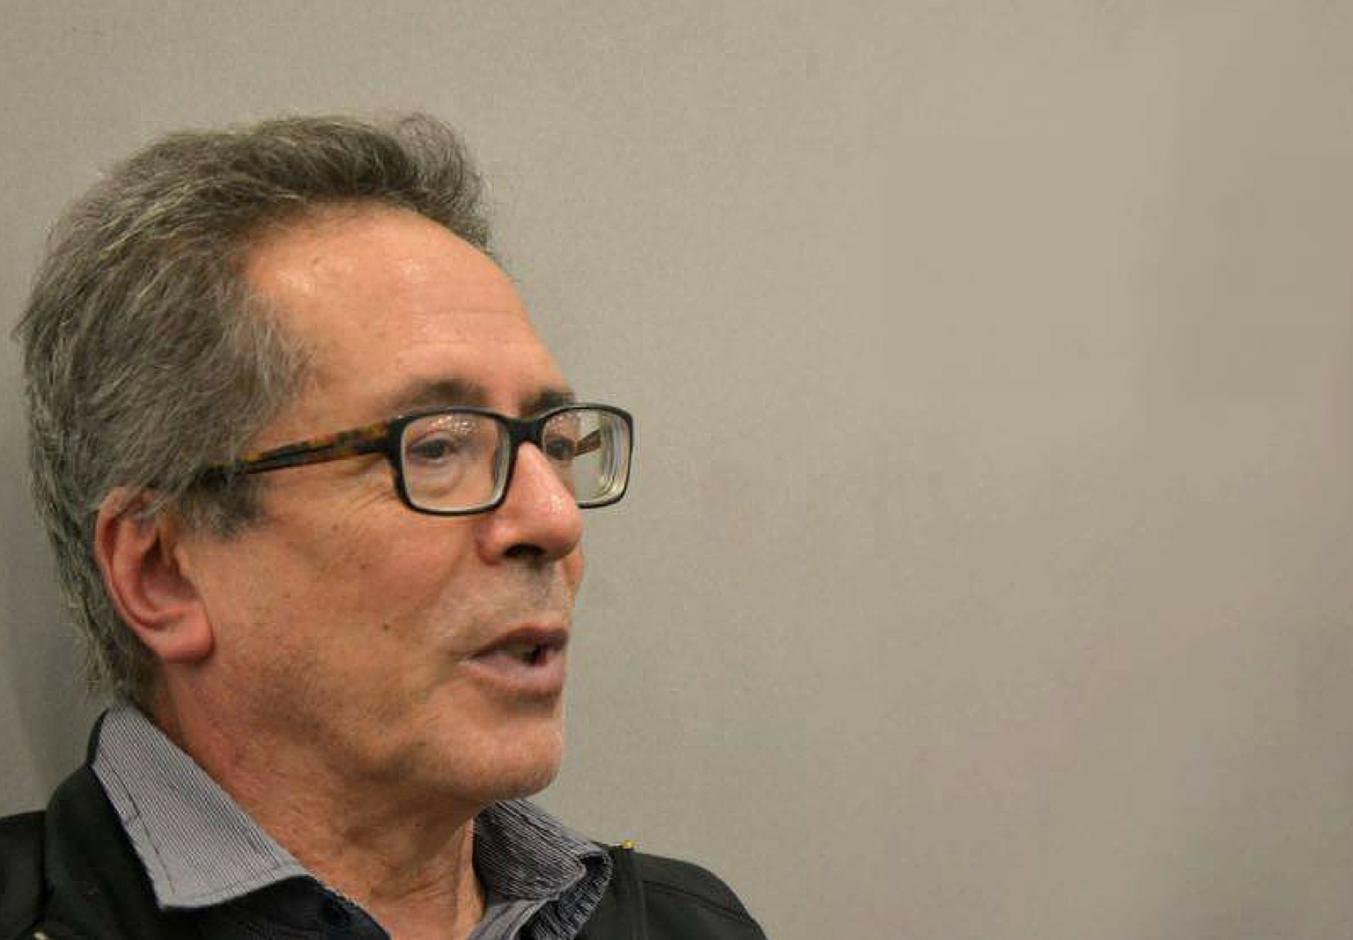 El escritor argentino César Aira. Foto: Agustín Díaz.